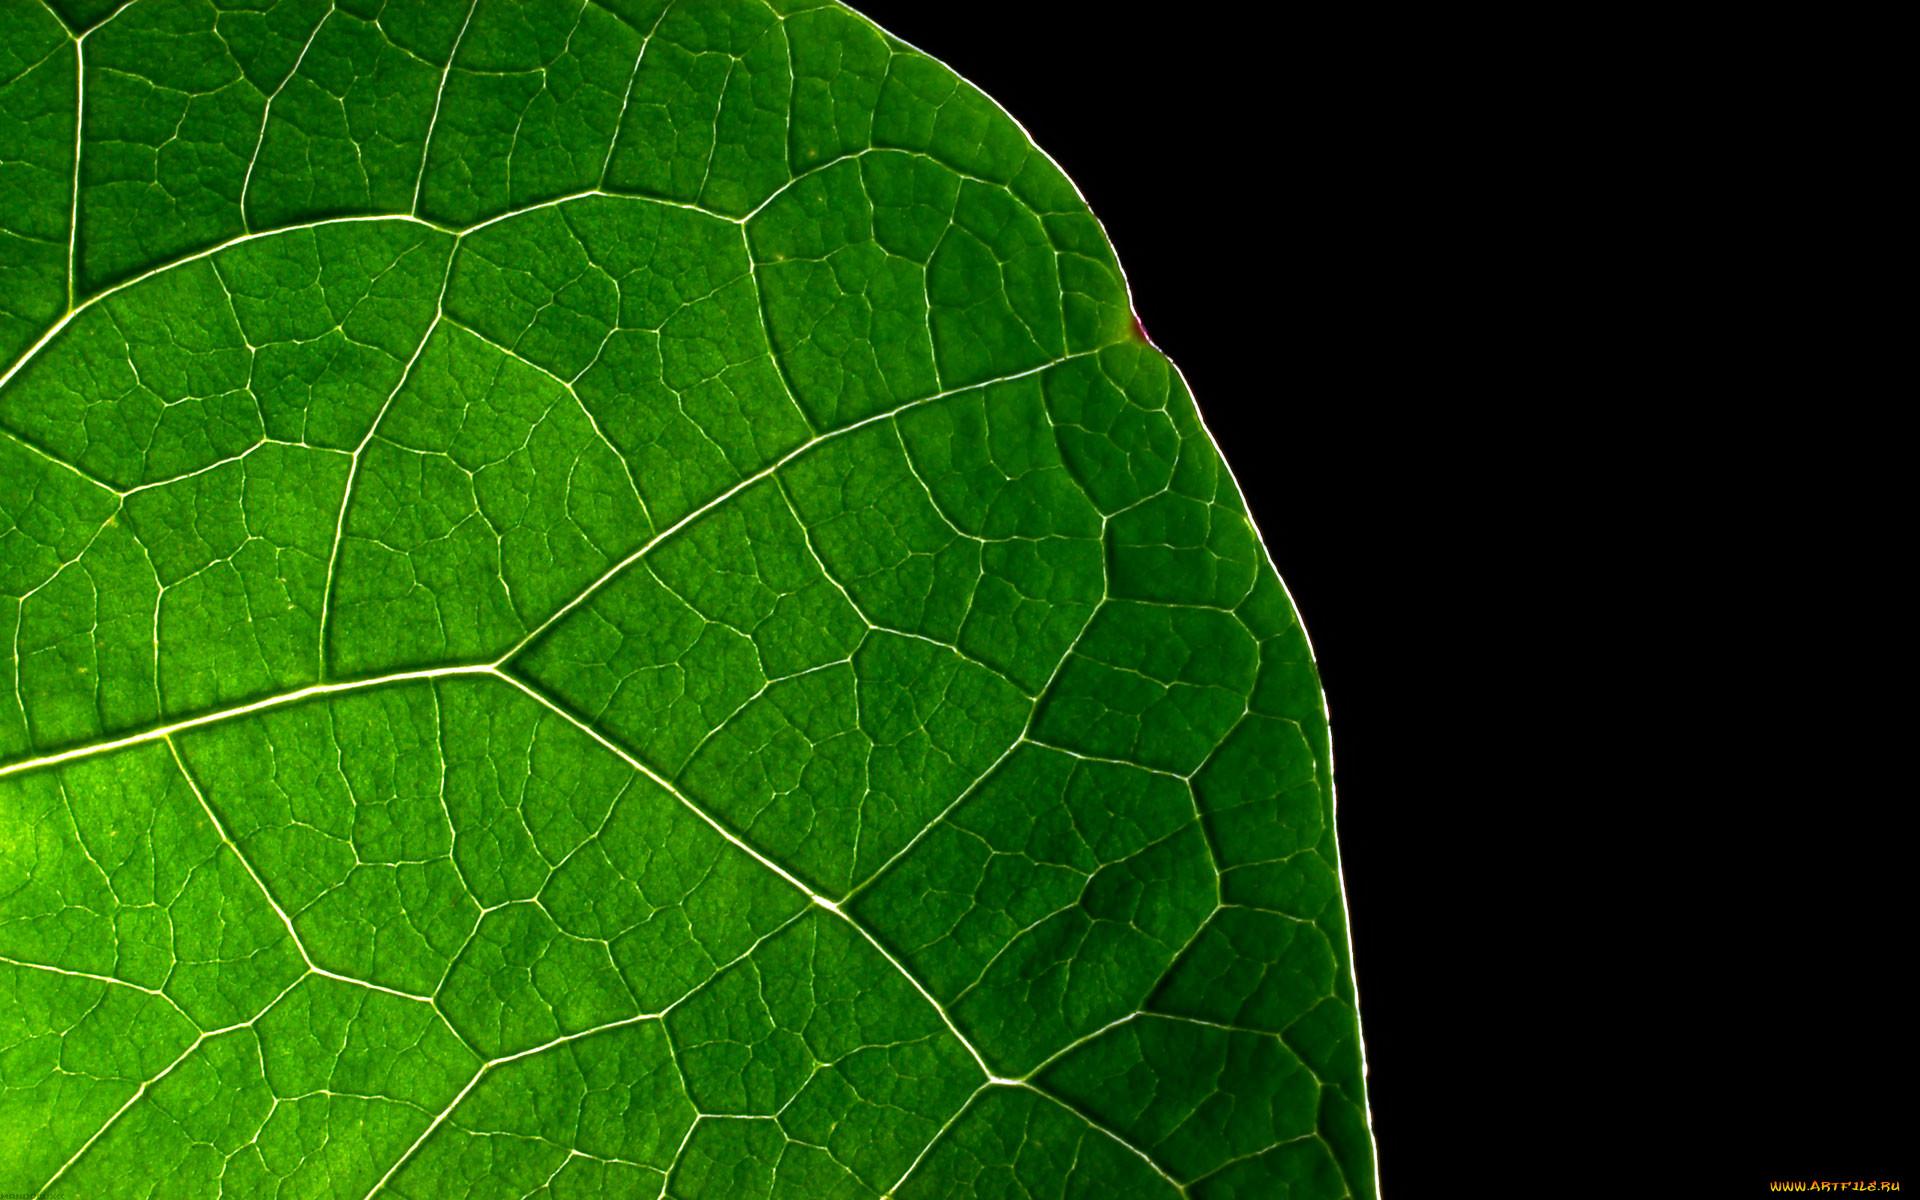 природа, макро, край, кусок, лист, зеленый